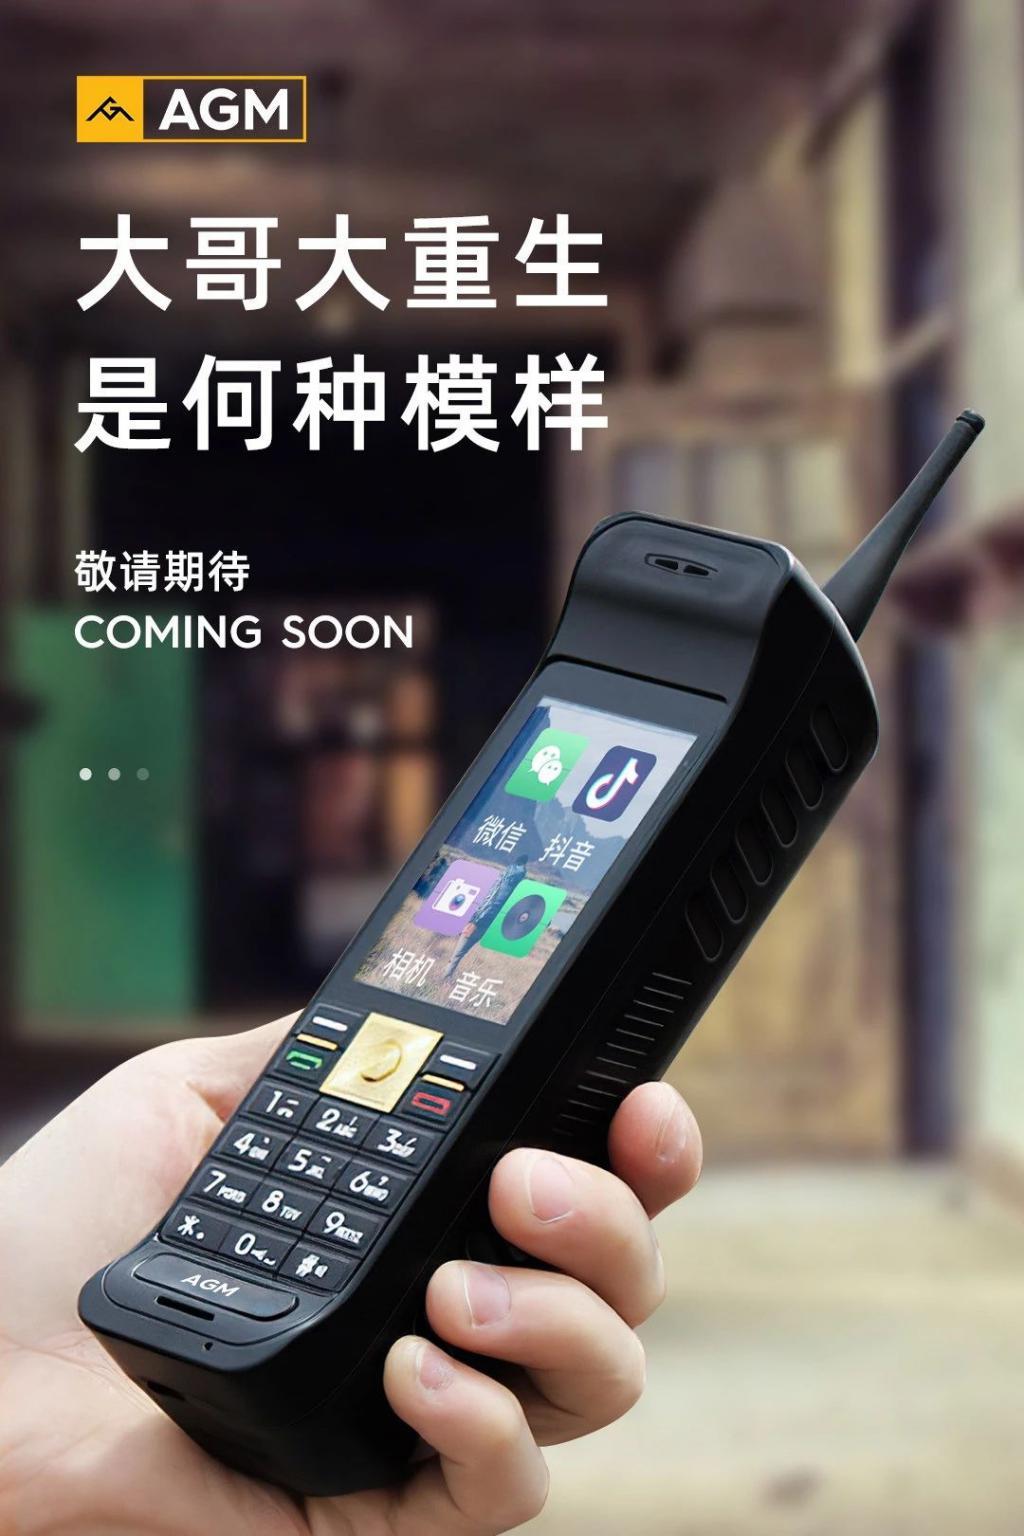 """国产手机厂复活""""大哥大"""" 经典造型能刷微信抖音"""